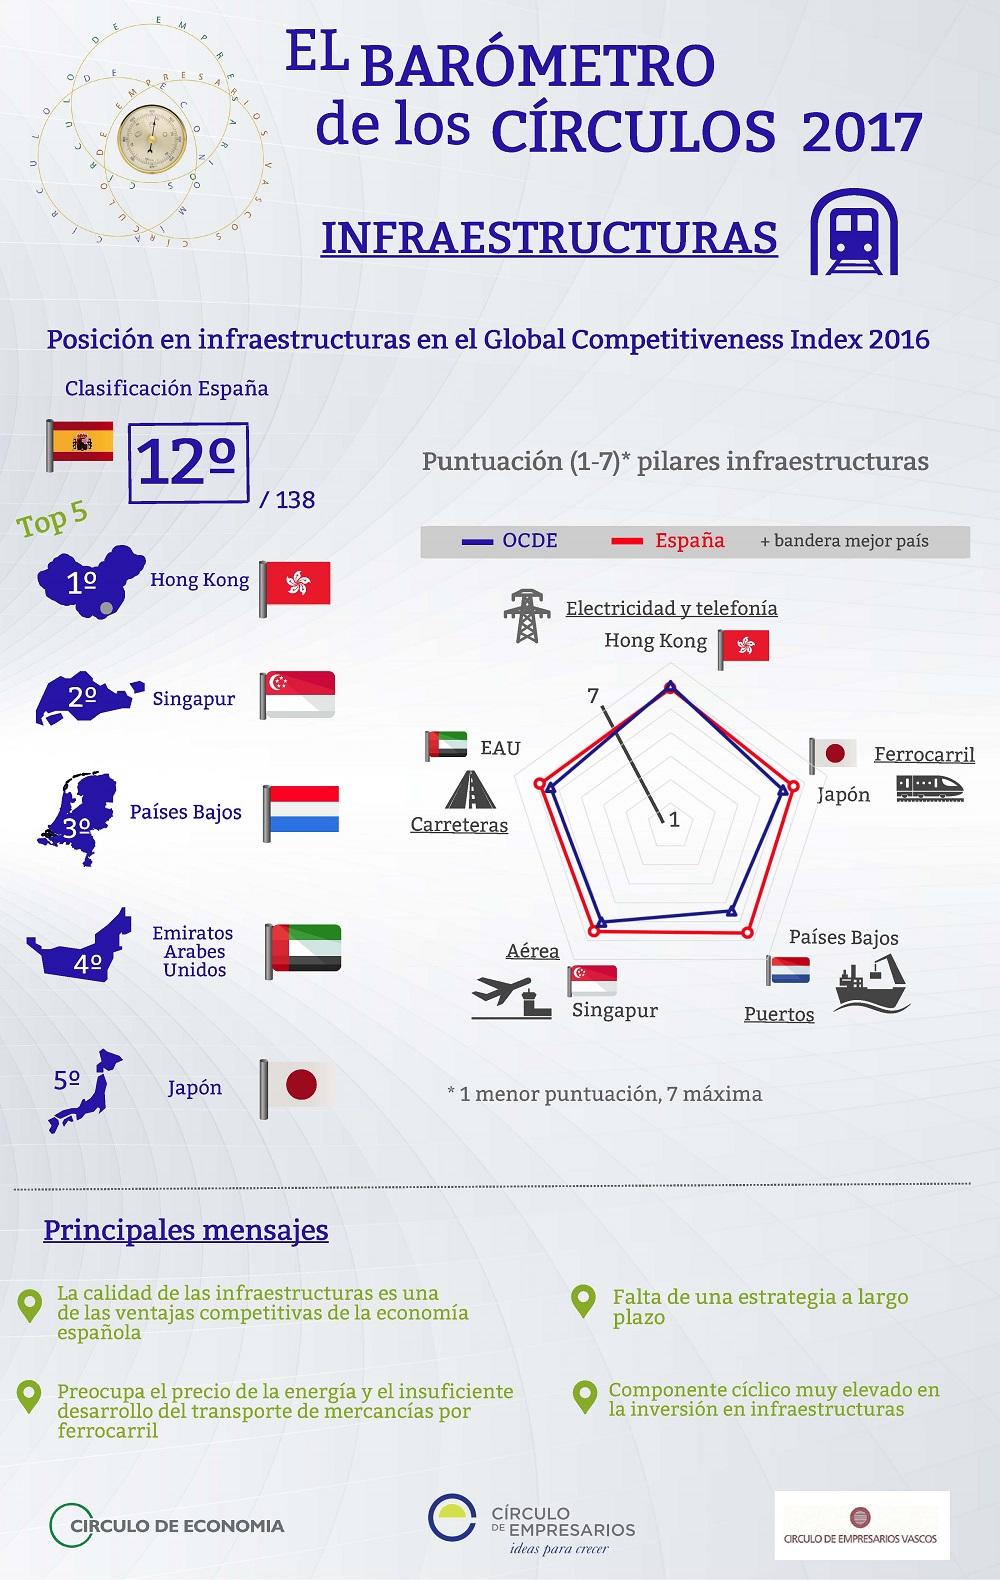 Infraestructuras-Barómetro-2017-El-Barómetro-de-los.Círculos-Círculo-de-Empresarios-Marzo-2017-1000px